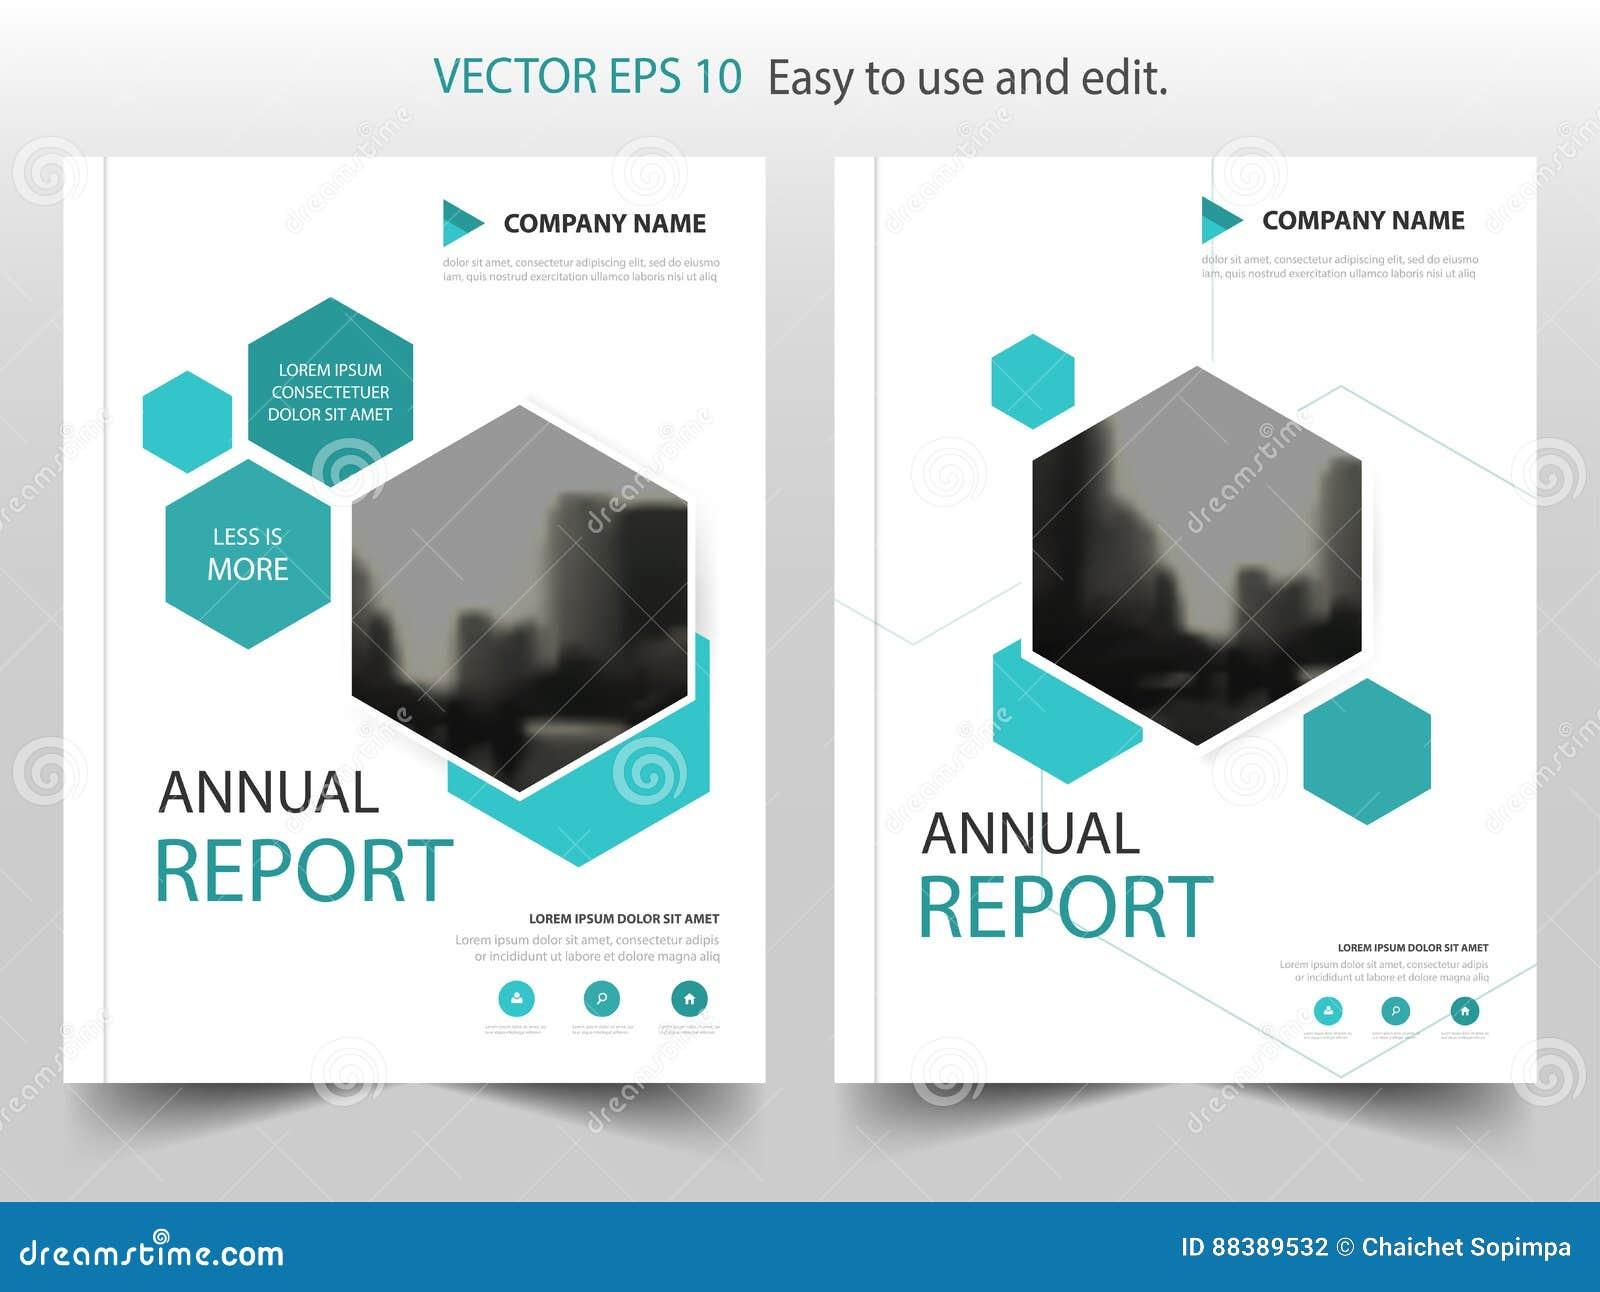 蓝色六角形小册子年终报告传单飞行物模板设计,书套布局设计,抽象企业介绍